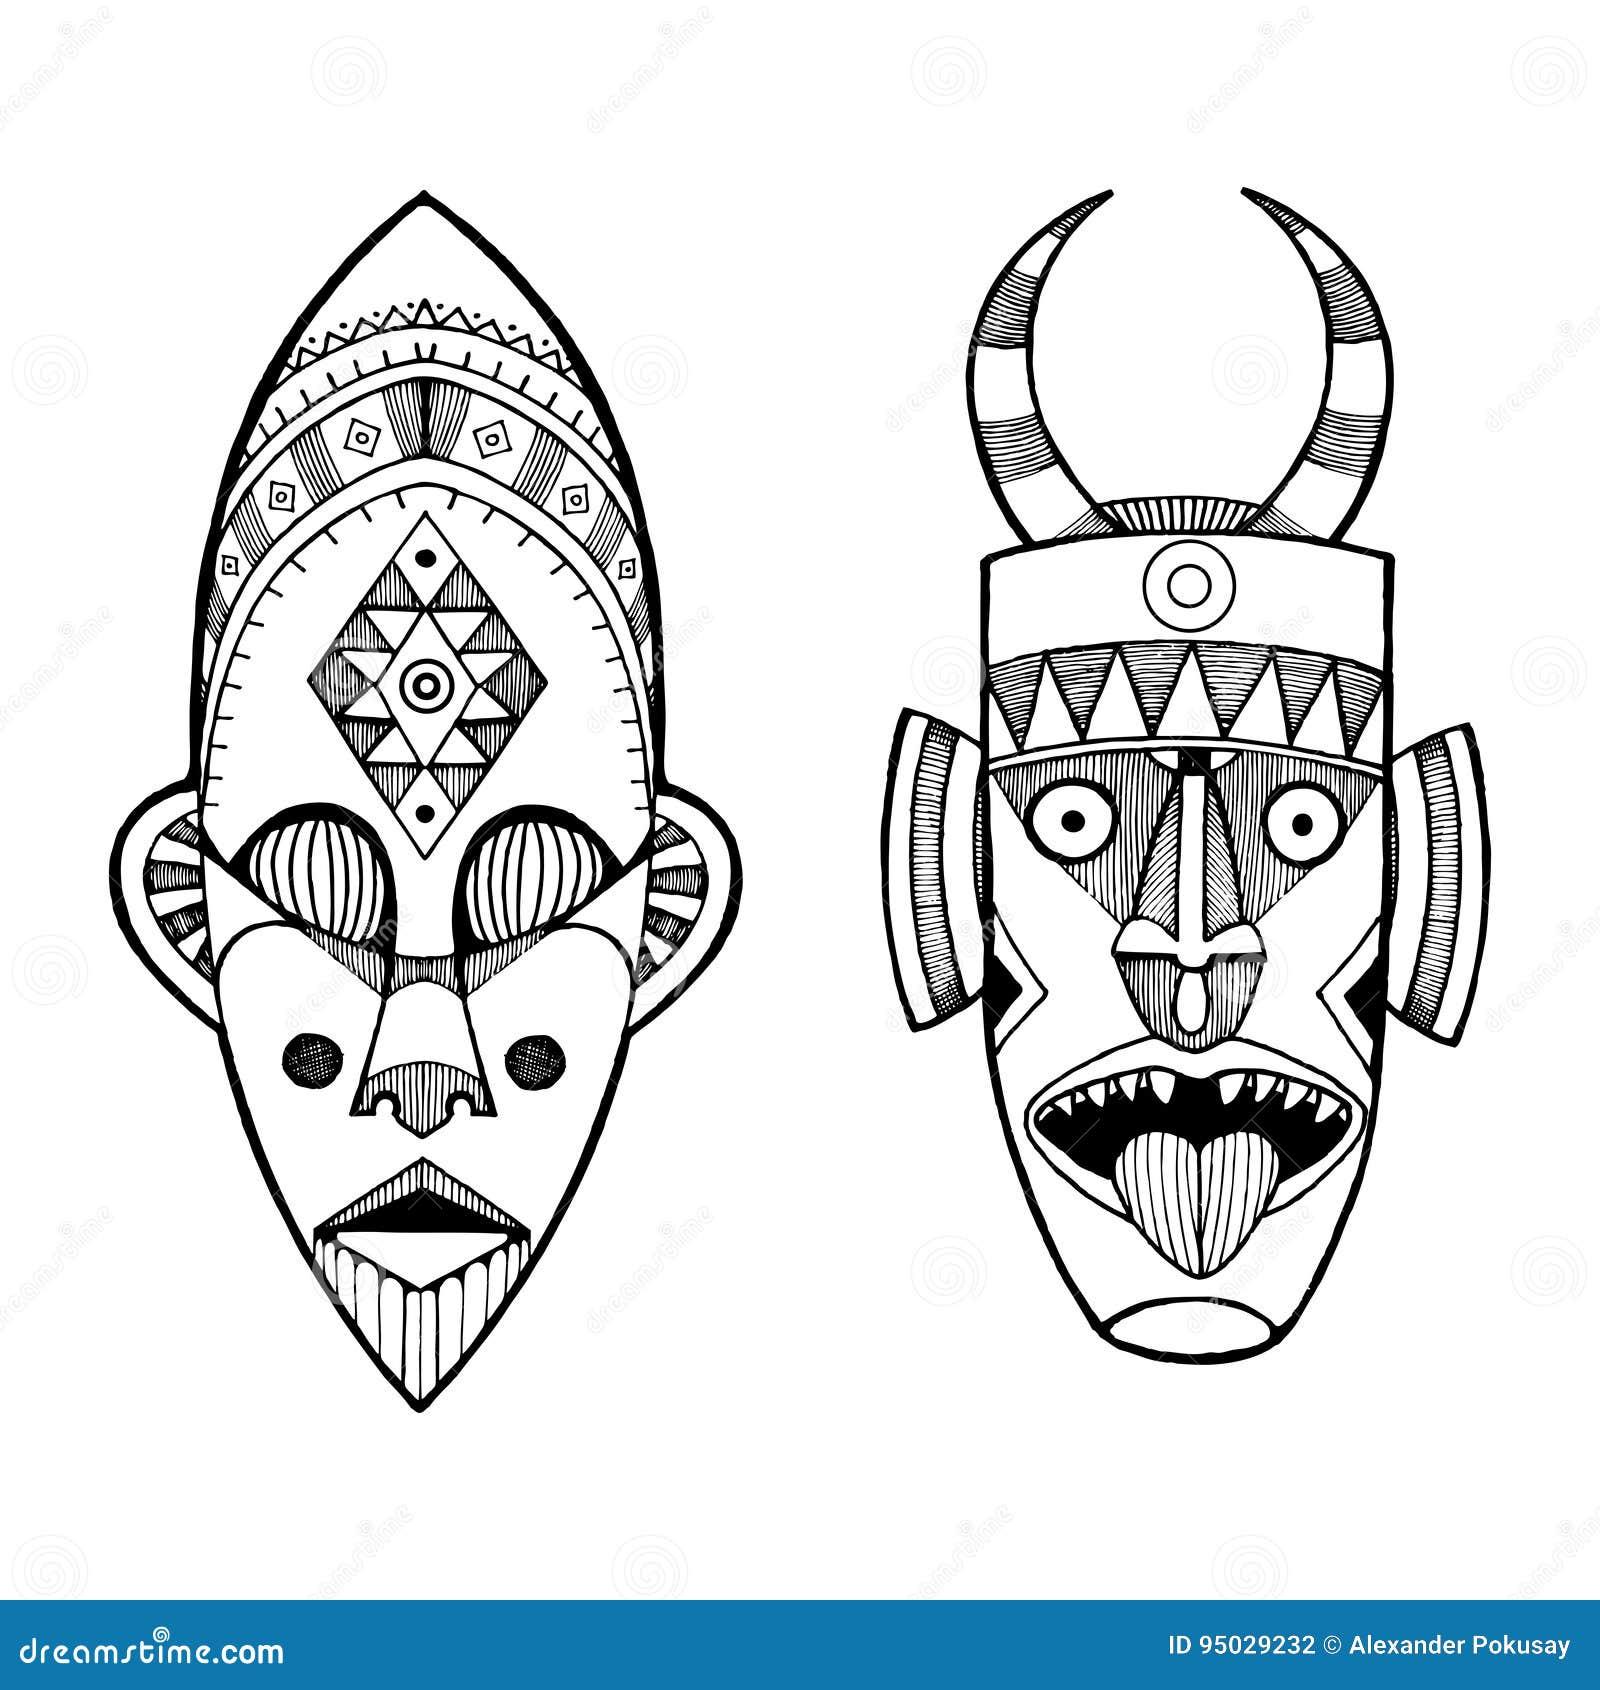 Nett Masken Malvorlagen Zeitgenössisch - Malvorlagen Von Tieren ...